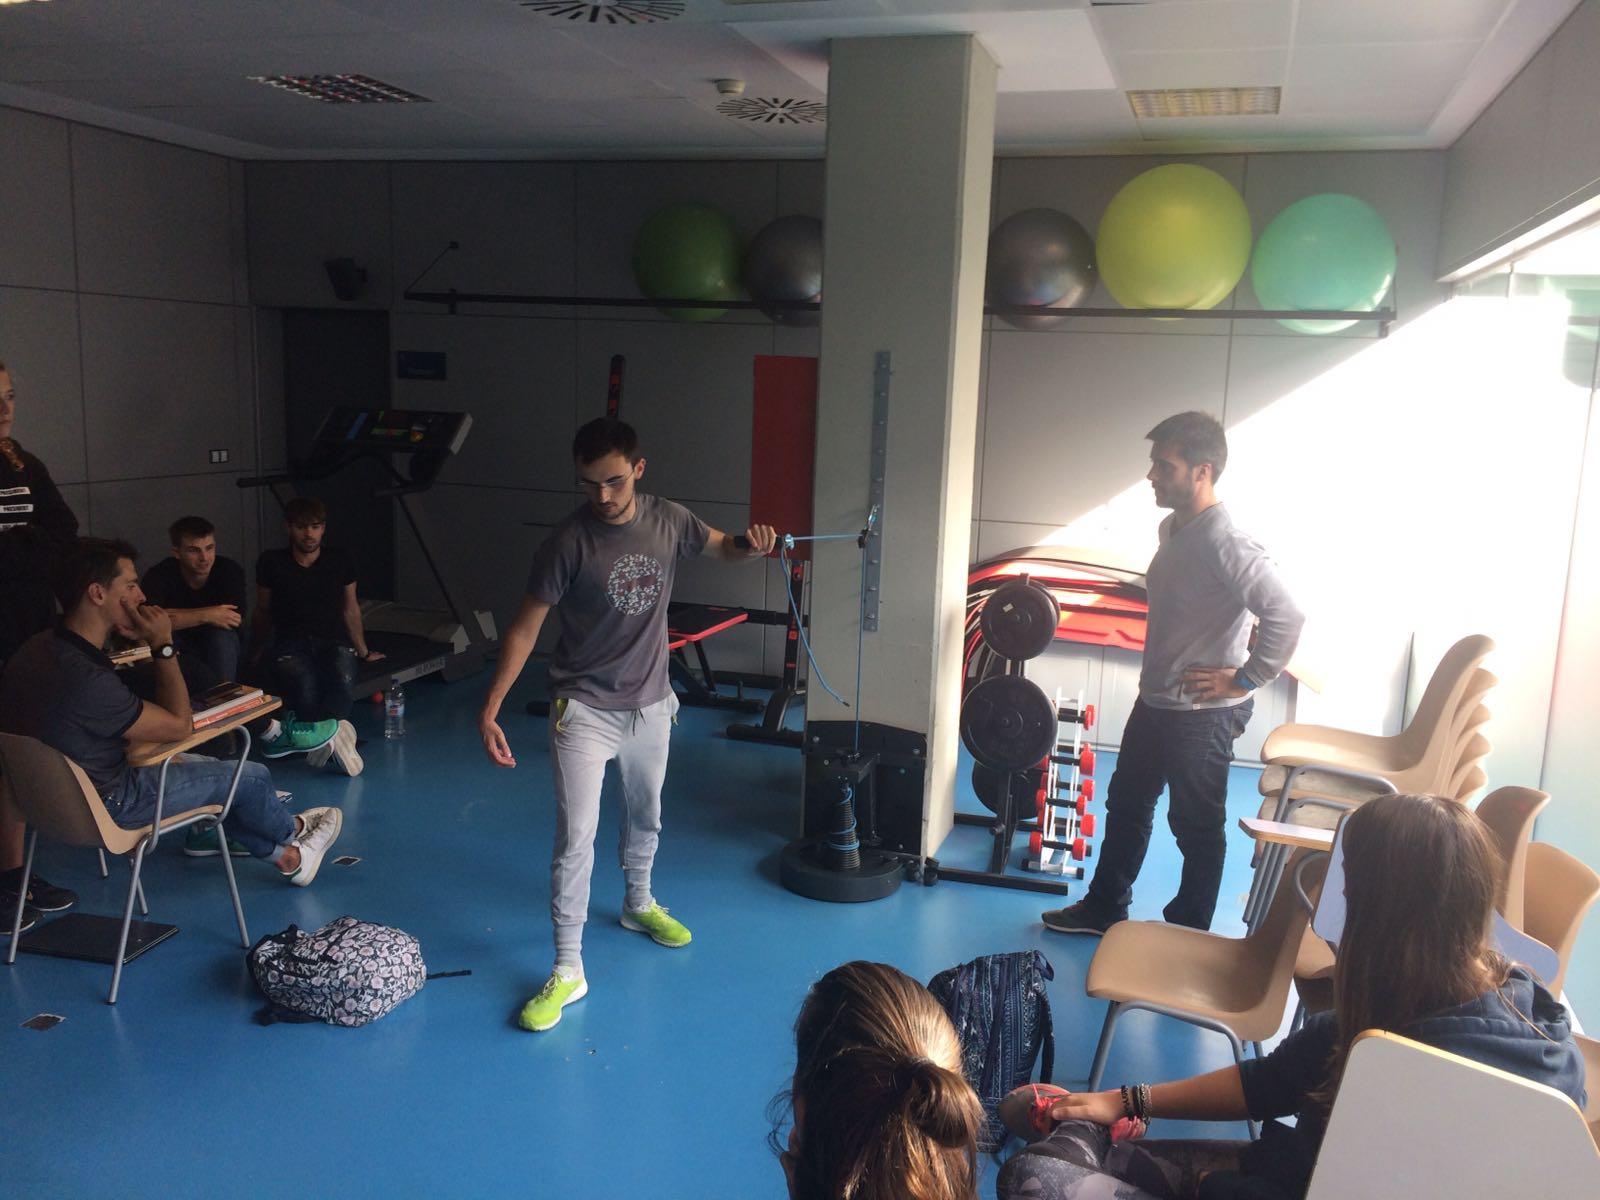 Grado en Ciencias de la Actividad Física y del Deporte de EUSES: la combinación perfecta entre teoría y práctica